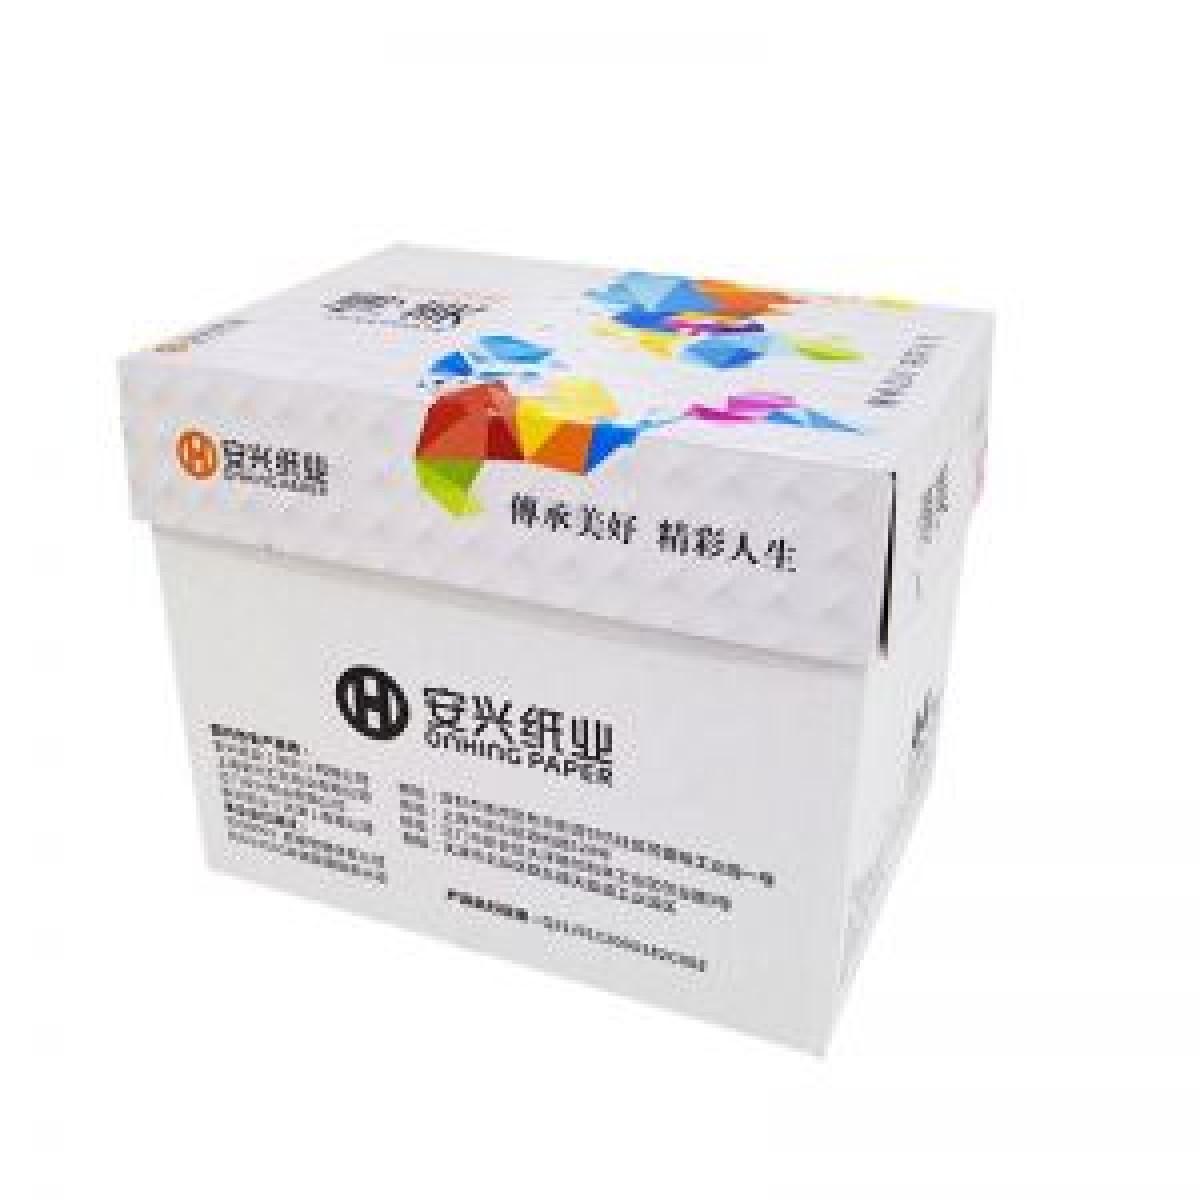 传美 彩色复印纸 500张包 绿色(粉绿) A4 80g